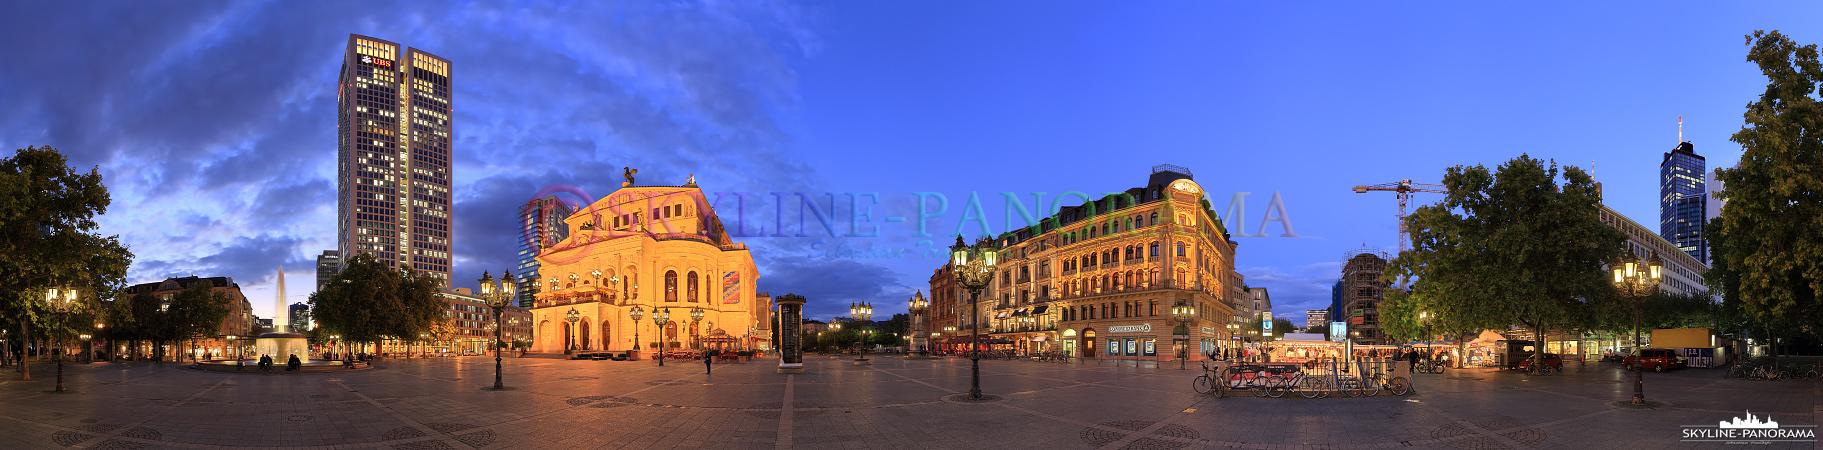 Panorama Alte Oper - Der Frankfurter Opernplatz mit der historischen Alten Oper und dem alles überragenden Opernturm als Panorama zur Blauen Stunde.